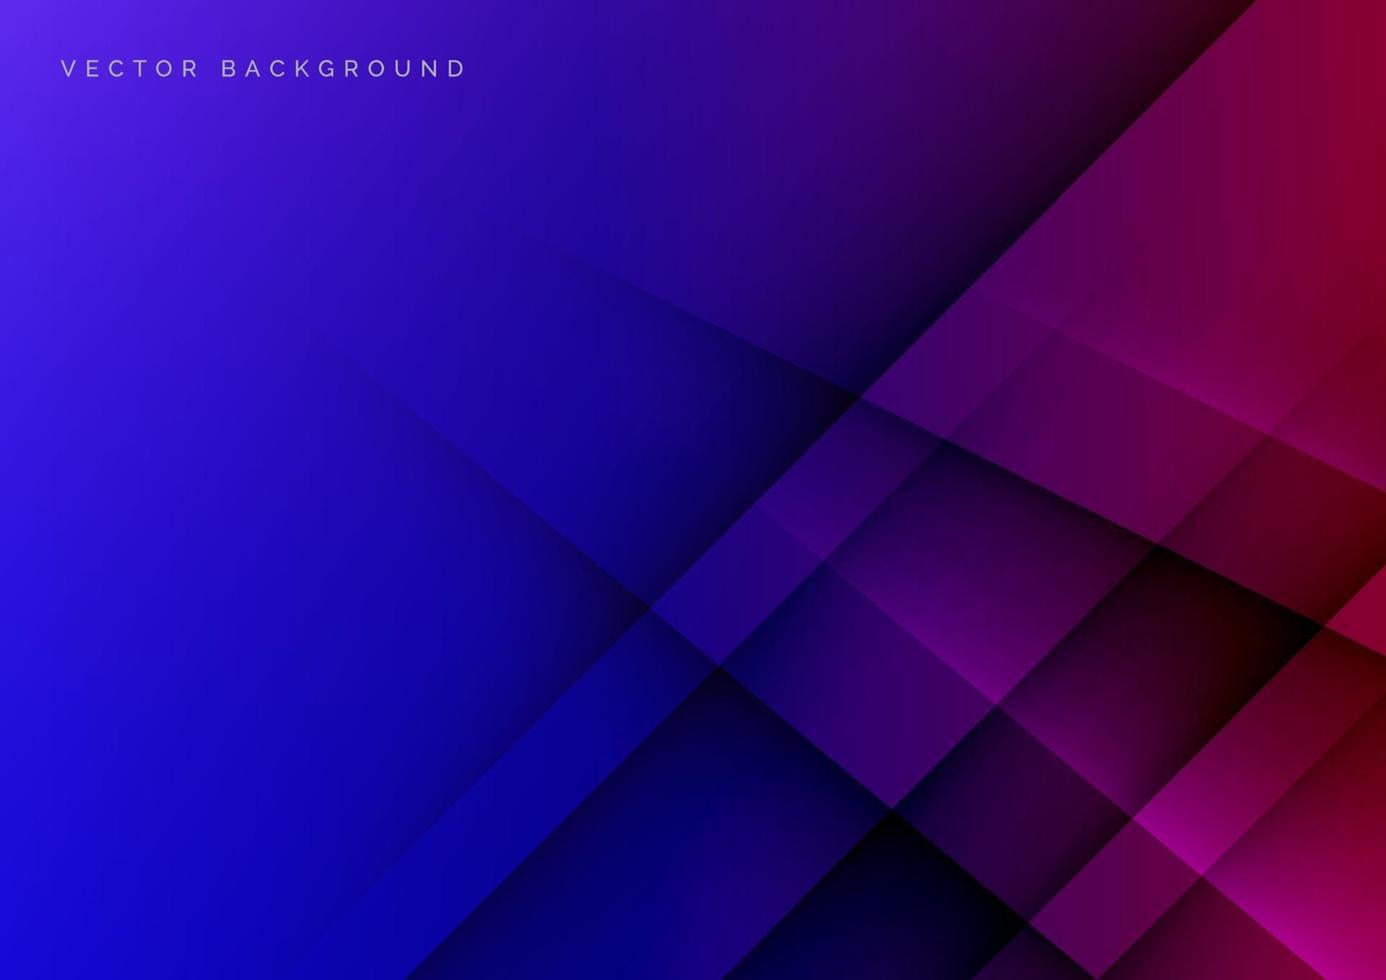 abstrakt rosa blå geometrisk bakgrund och textur. teknik koncept. vektor